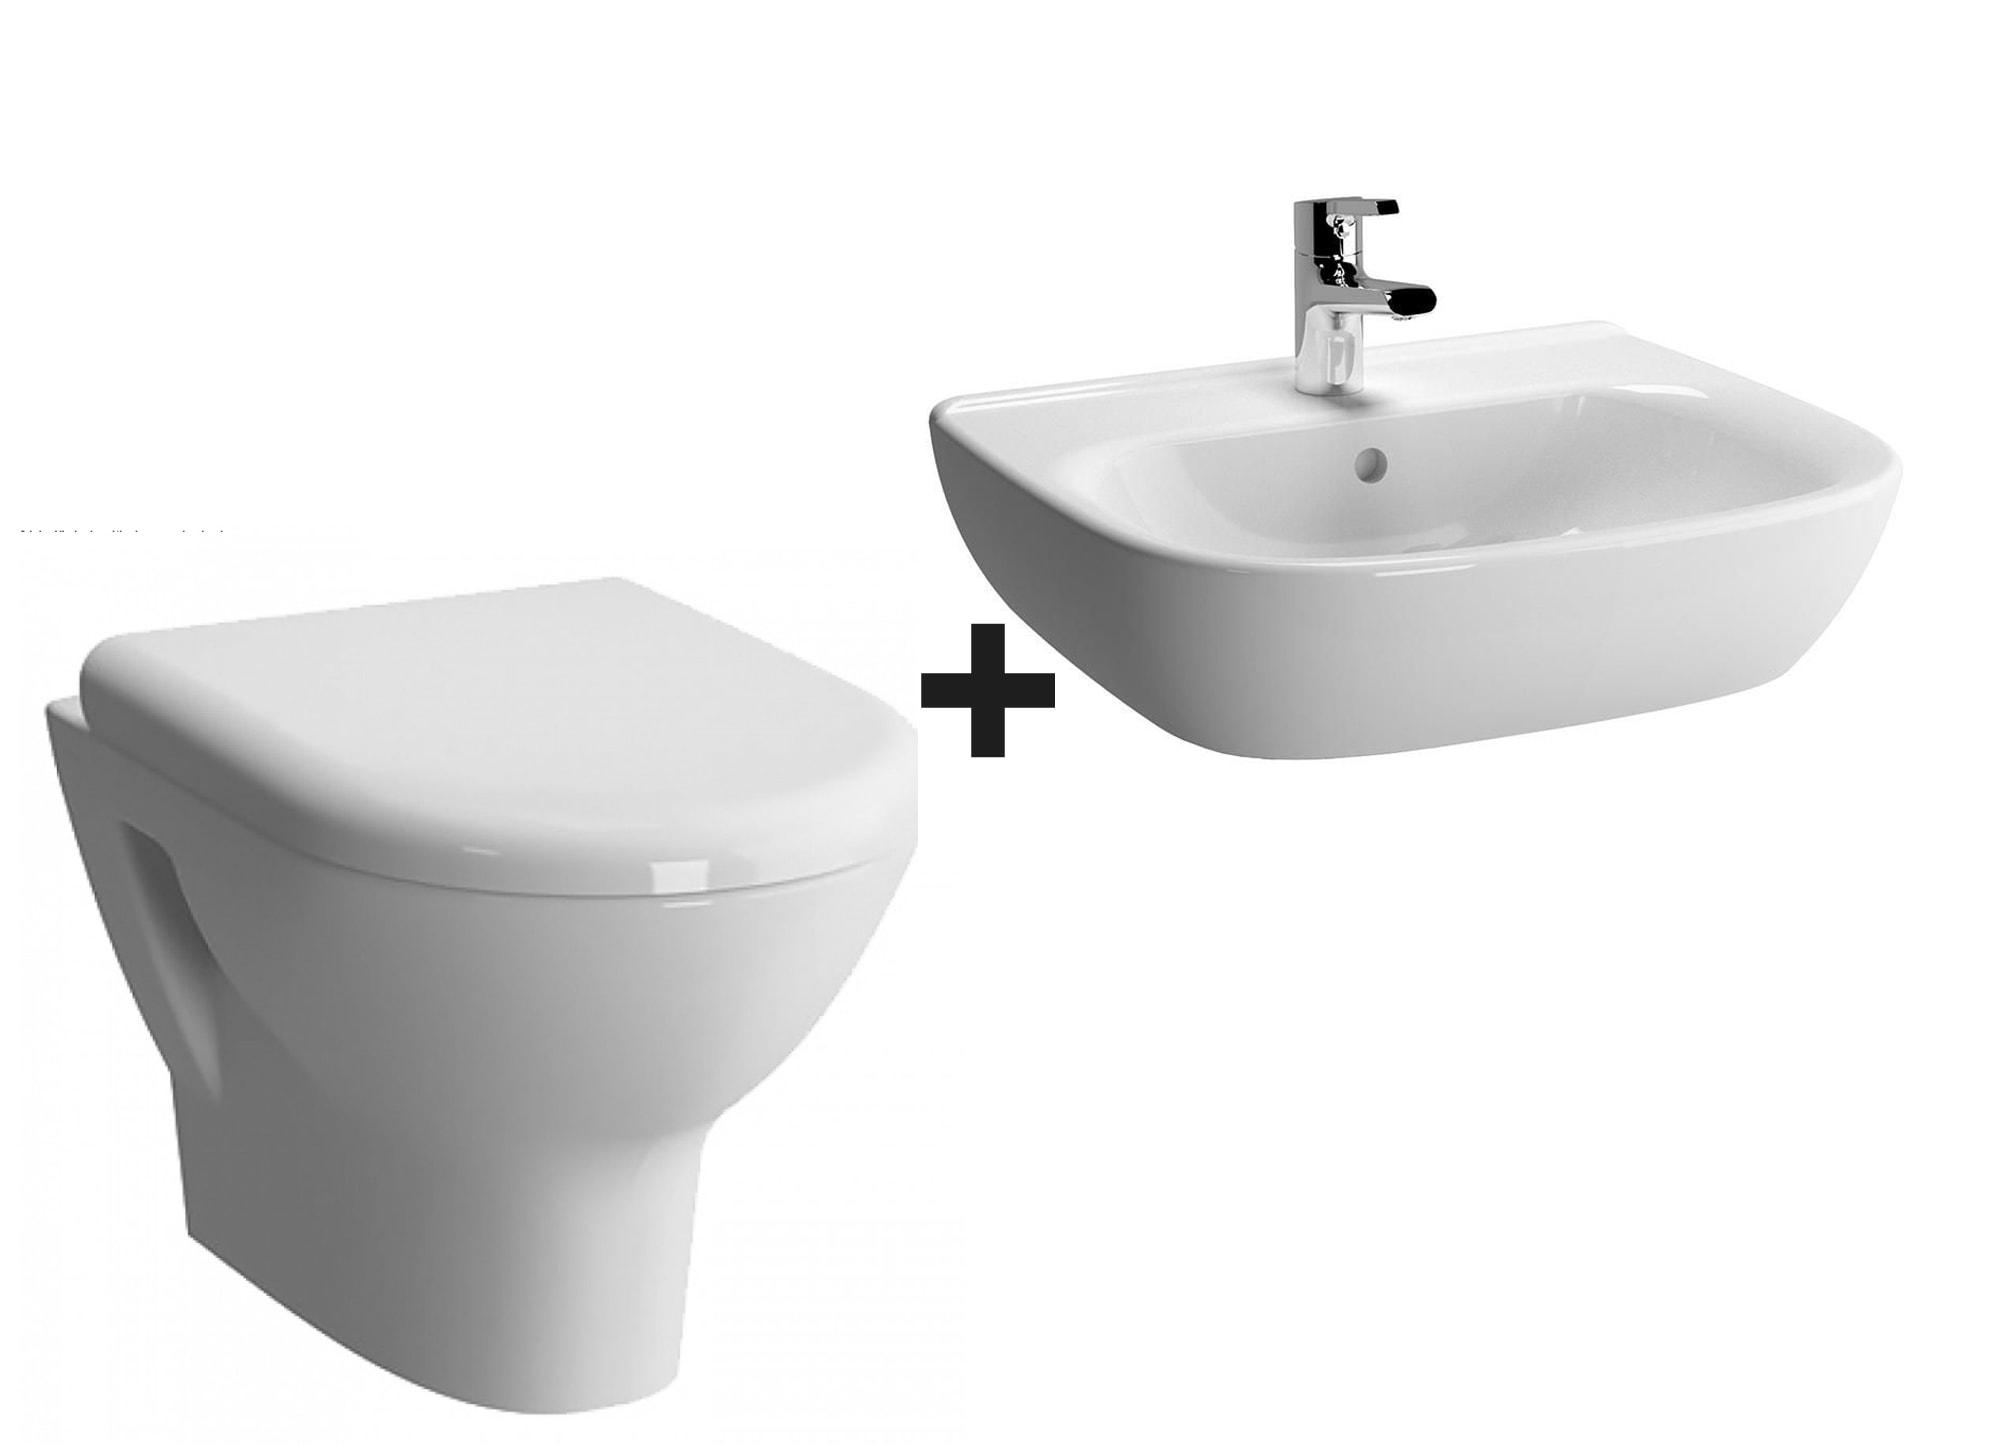 Miska WC wisząca + deska wolnoopadająca + umywalka wisząca Vitra Zentrum 5785B003-0075 +94-003-009+5633B003-0001